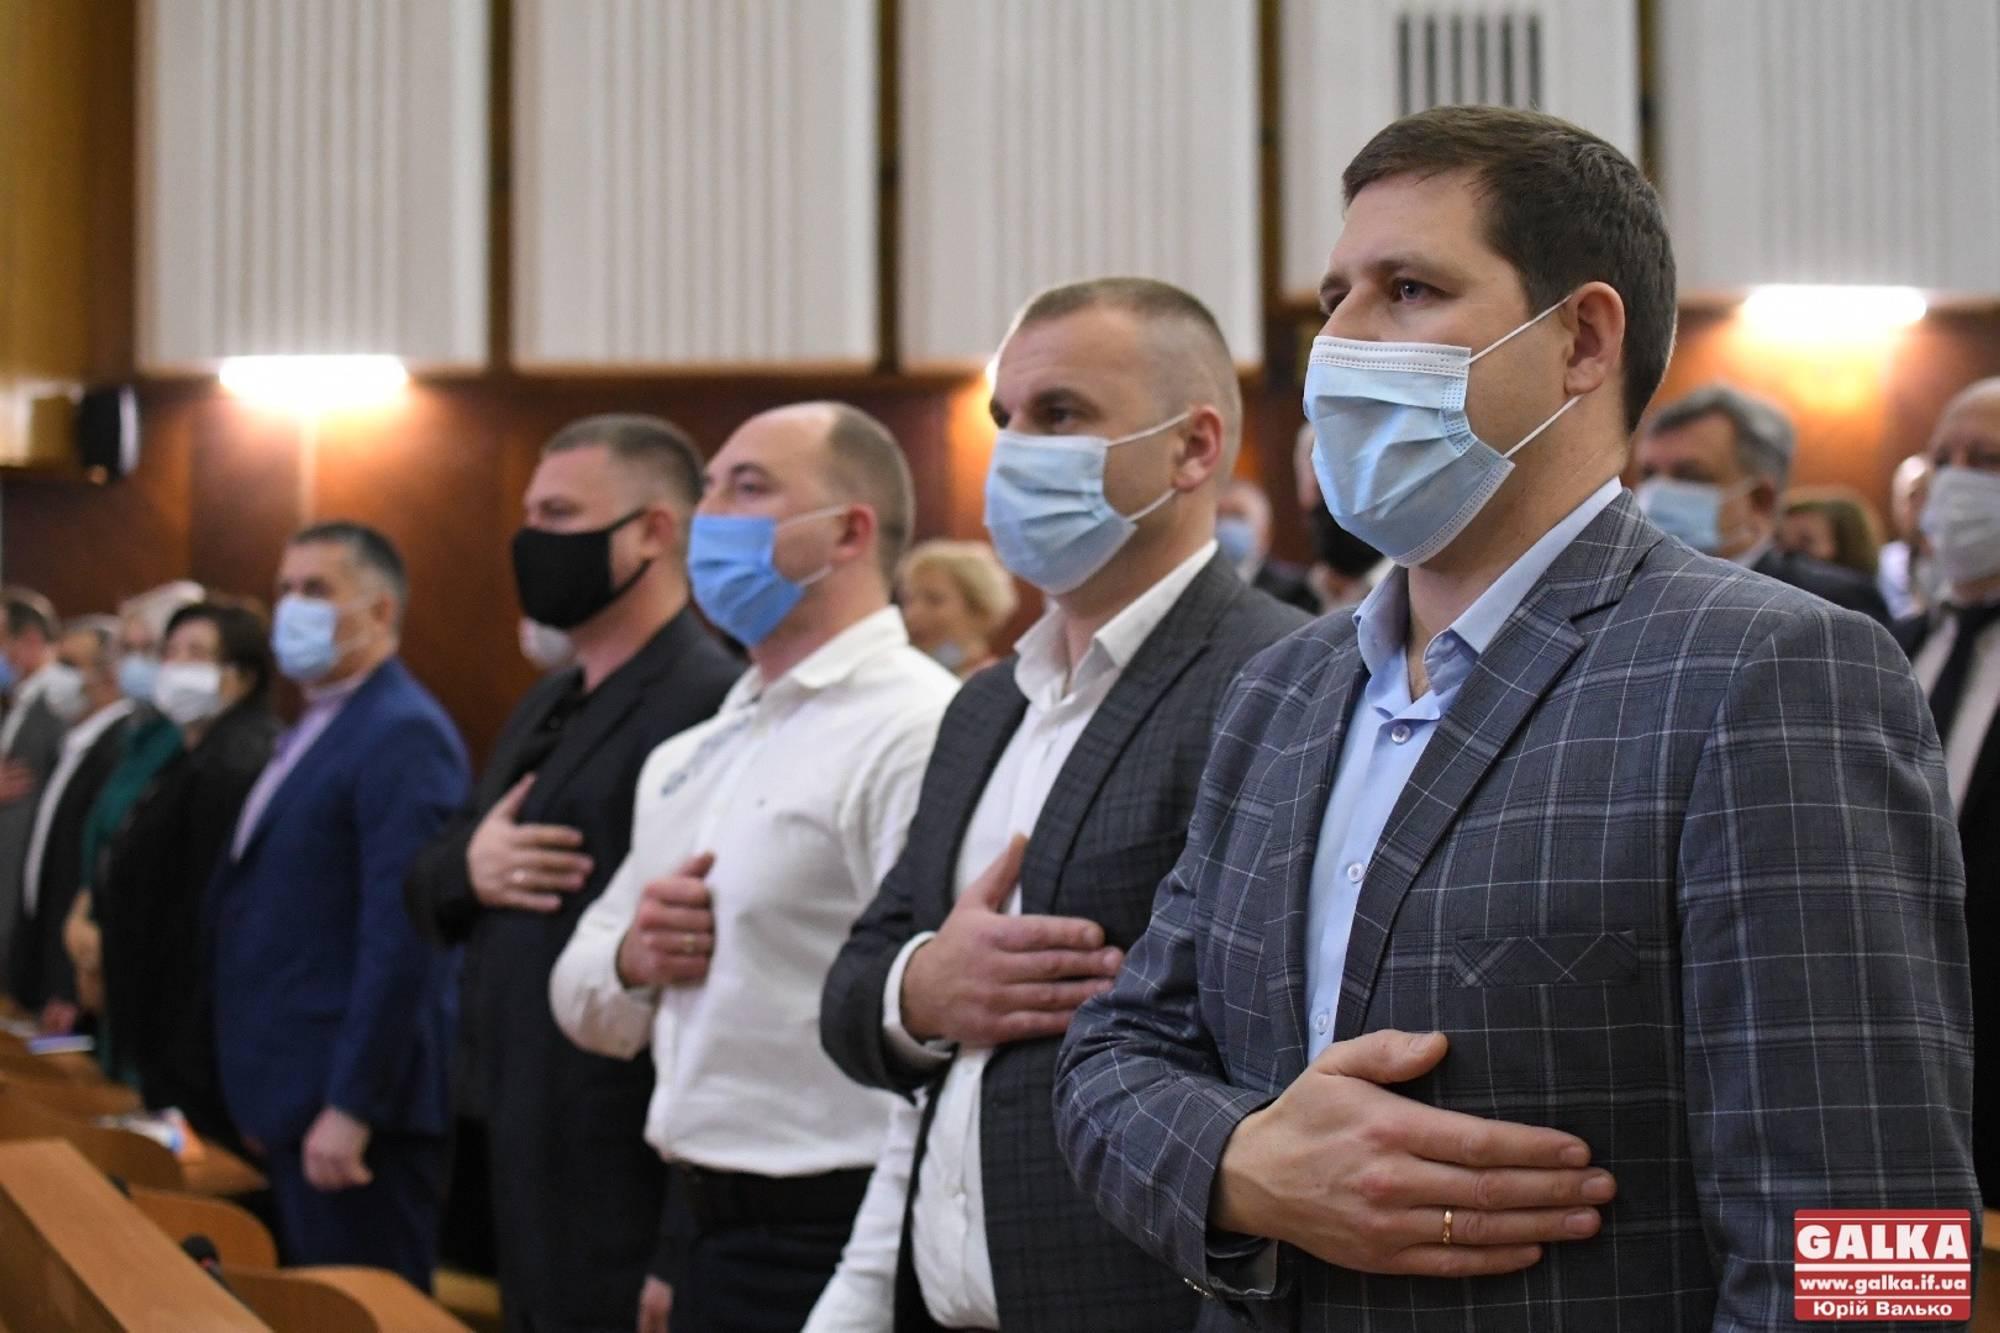 Стартувала перша сесія новообраної Івано-Франківської облради (ФОТОРЕПОРТАЖ)